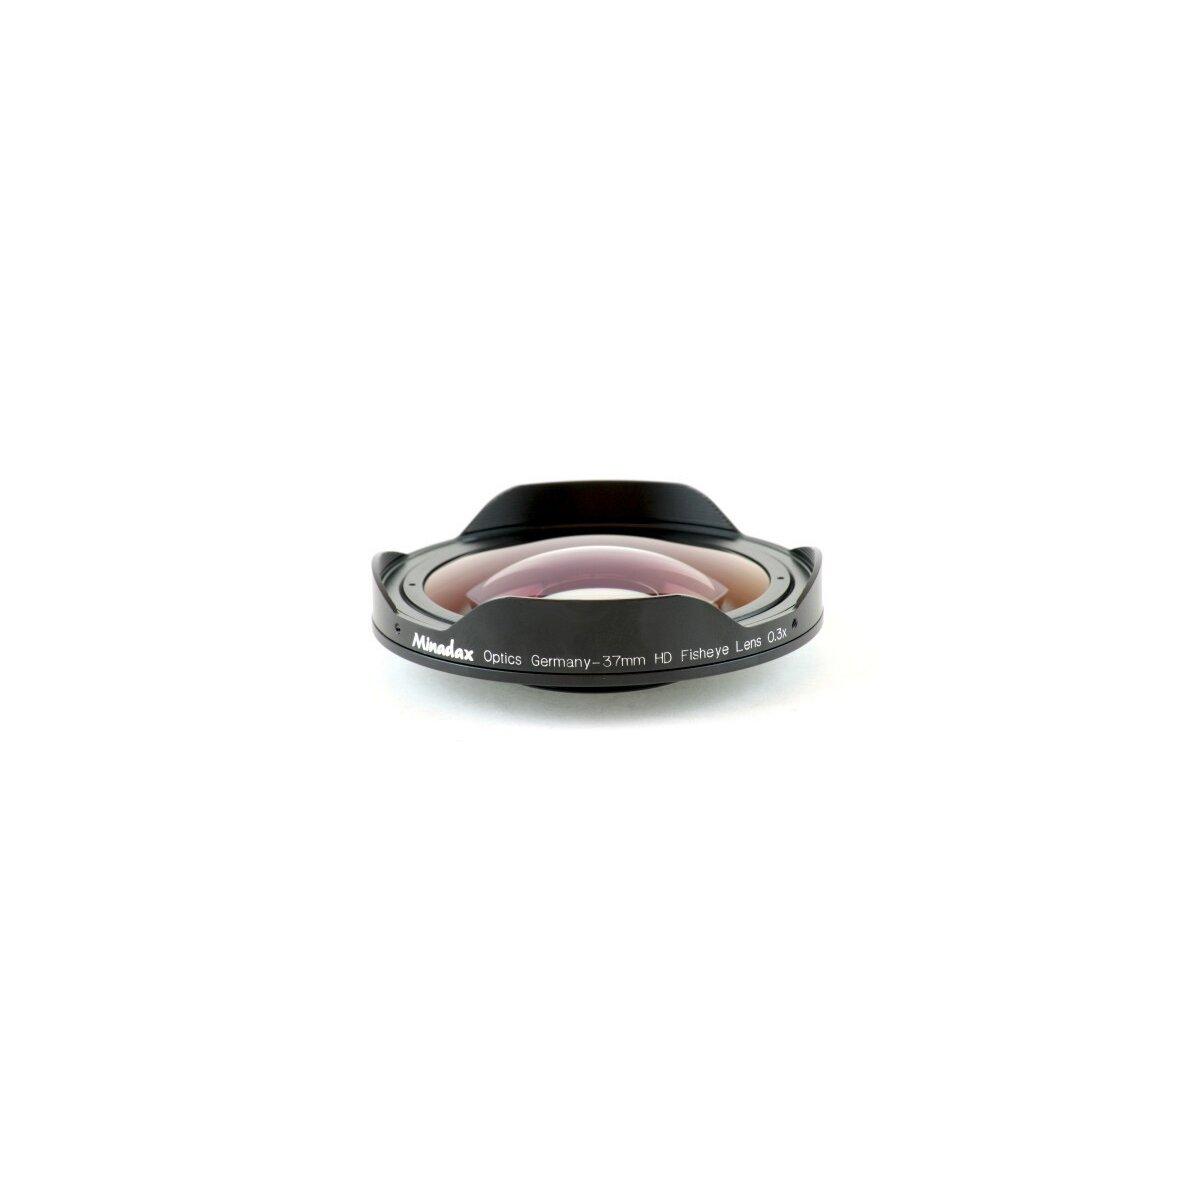 Minadax 0.3x Ultra Fisheye Konverter kompatibel mit Canon DC10, DC20, MVX450, MVX460, Panasonic NV-DS65; JVC GR-DA20, GR-D725, GR-D740, GR-D760, GR-D770